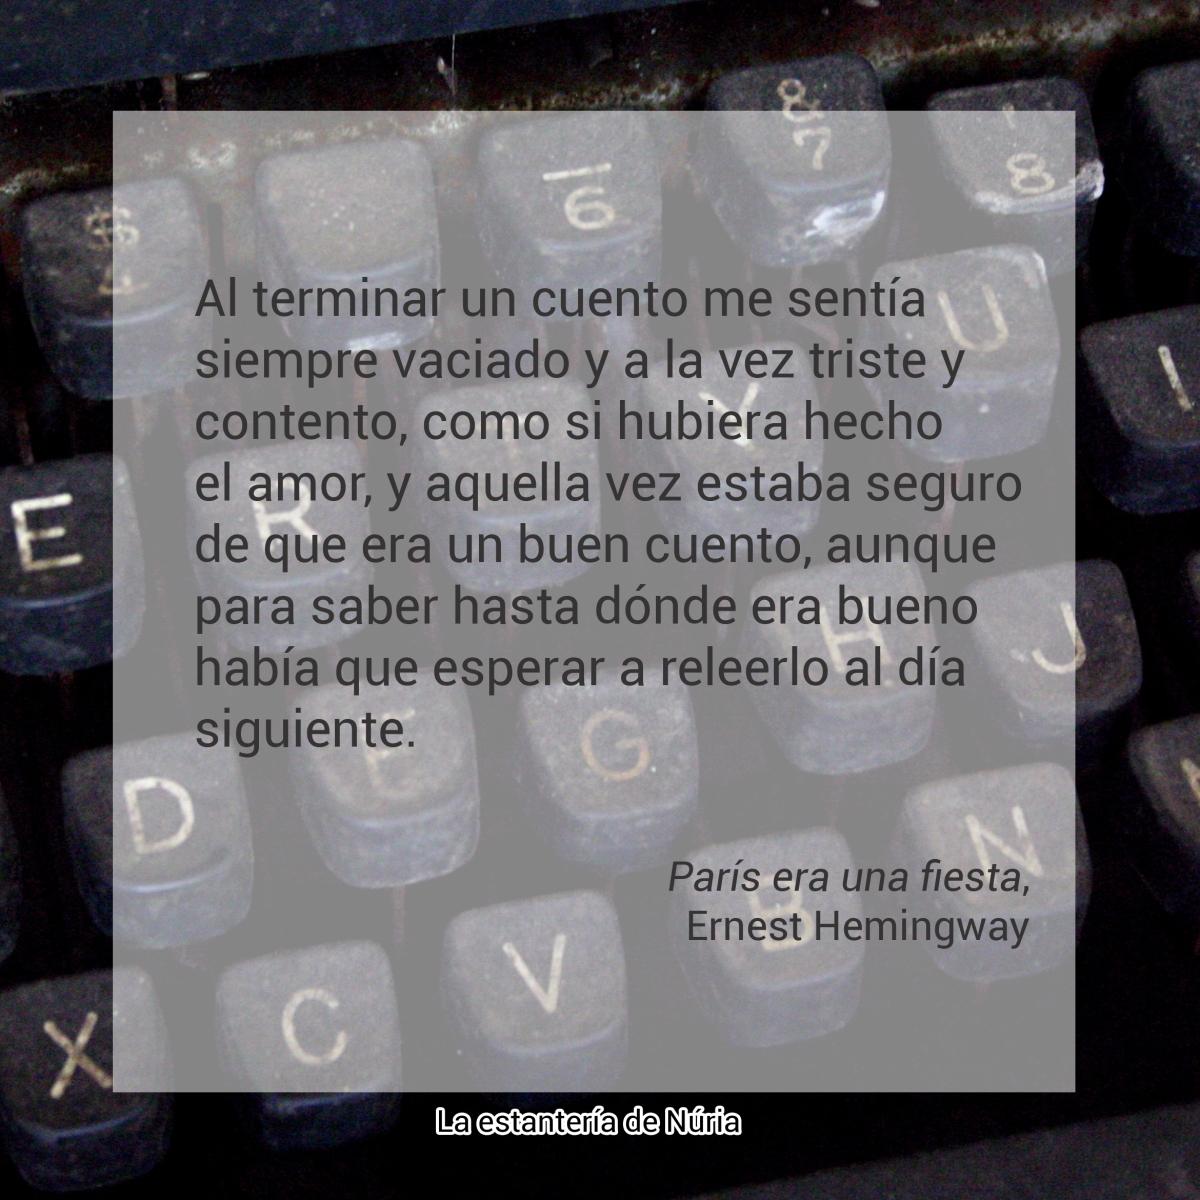 Al terminar un cuento me sentía siempre vaciado y a la vez triste y contento, como si hubiera hecho el amor, y aquella vez estaba seguro de que era un buen cuento, aunque para saber hasta dónde era bueno había que esperar a releerlo al día siguiente. París era una fiesta, Ernest Hemingway